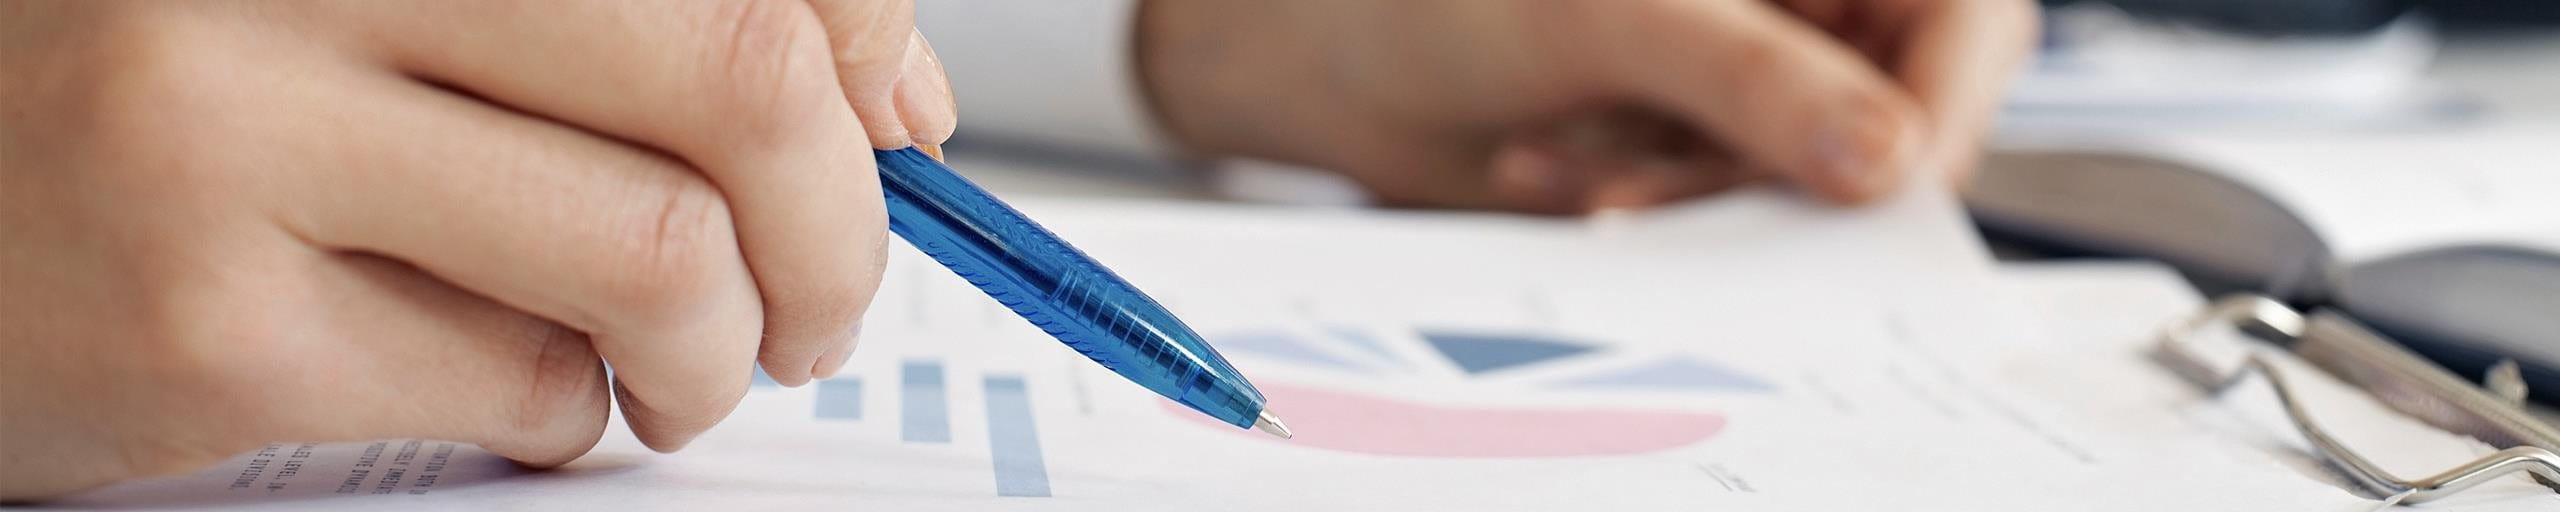 Eine Person prüft ein Dokument.